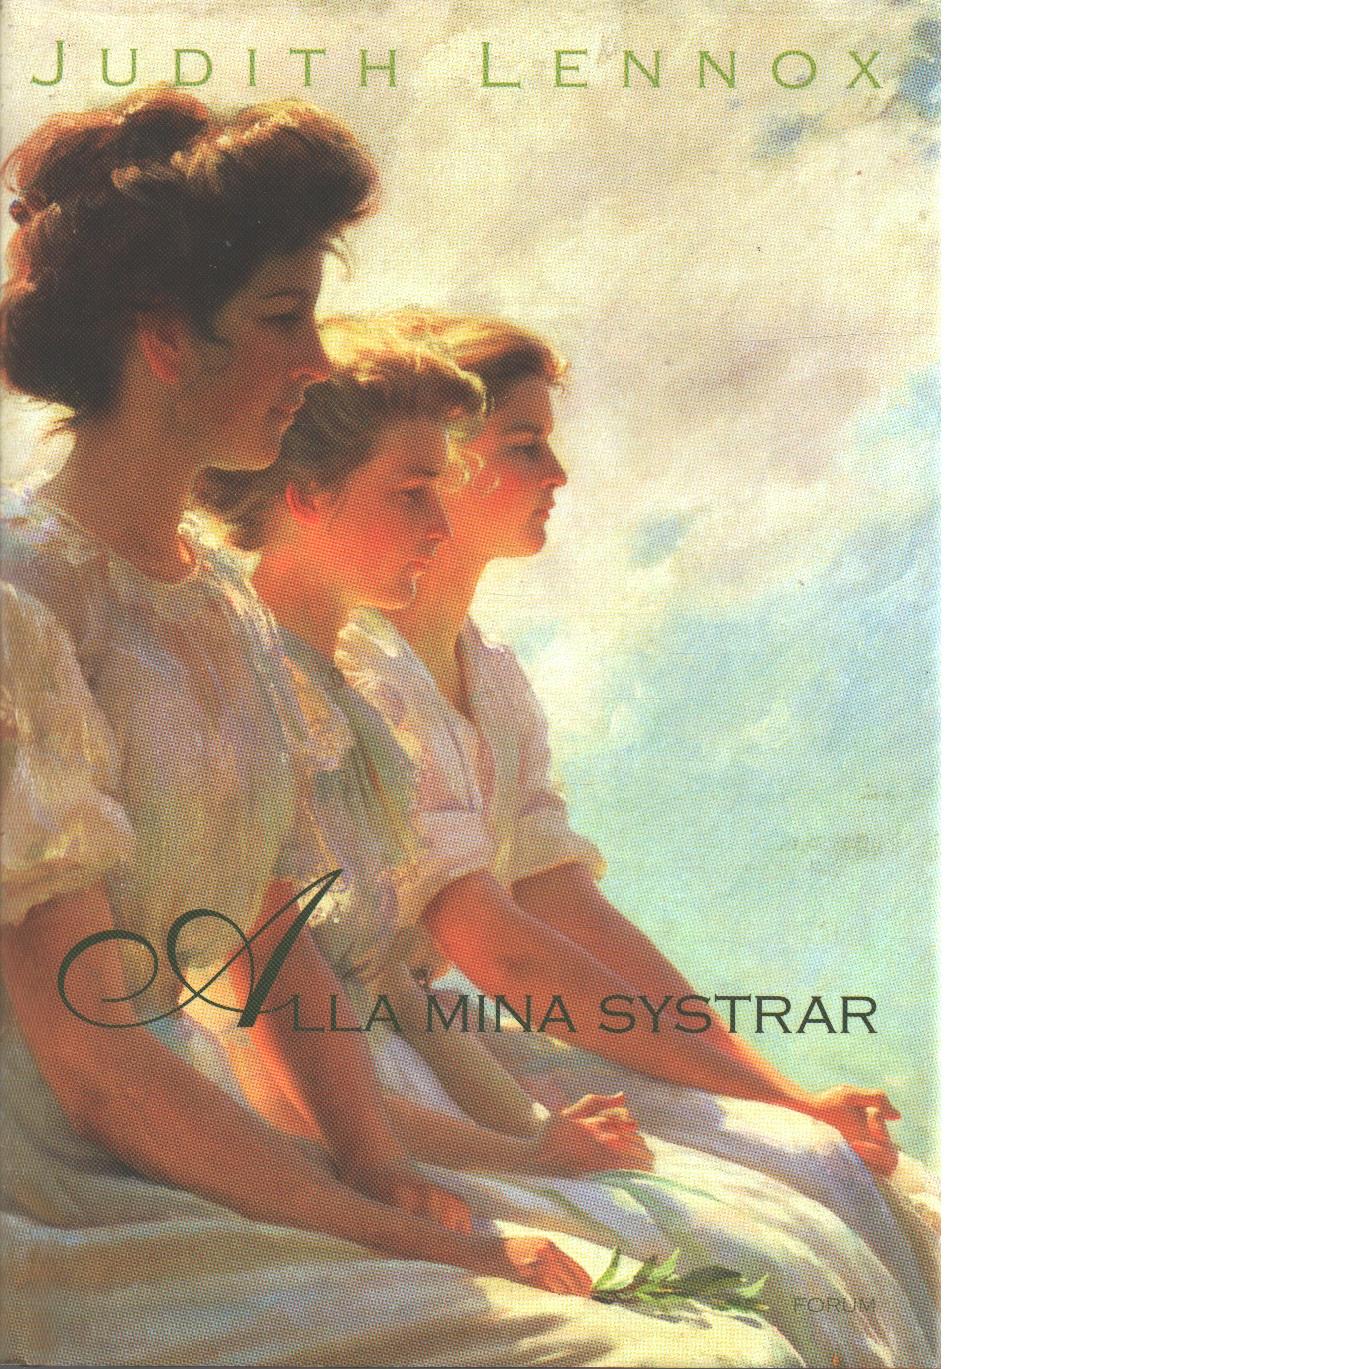 Alla mina systrar - Lennox, Judith